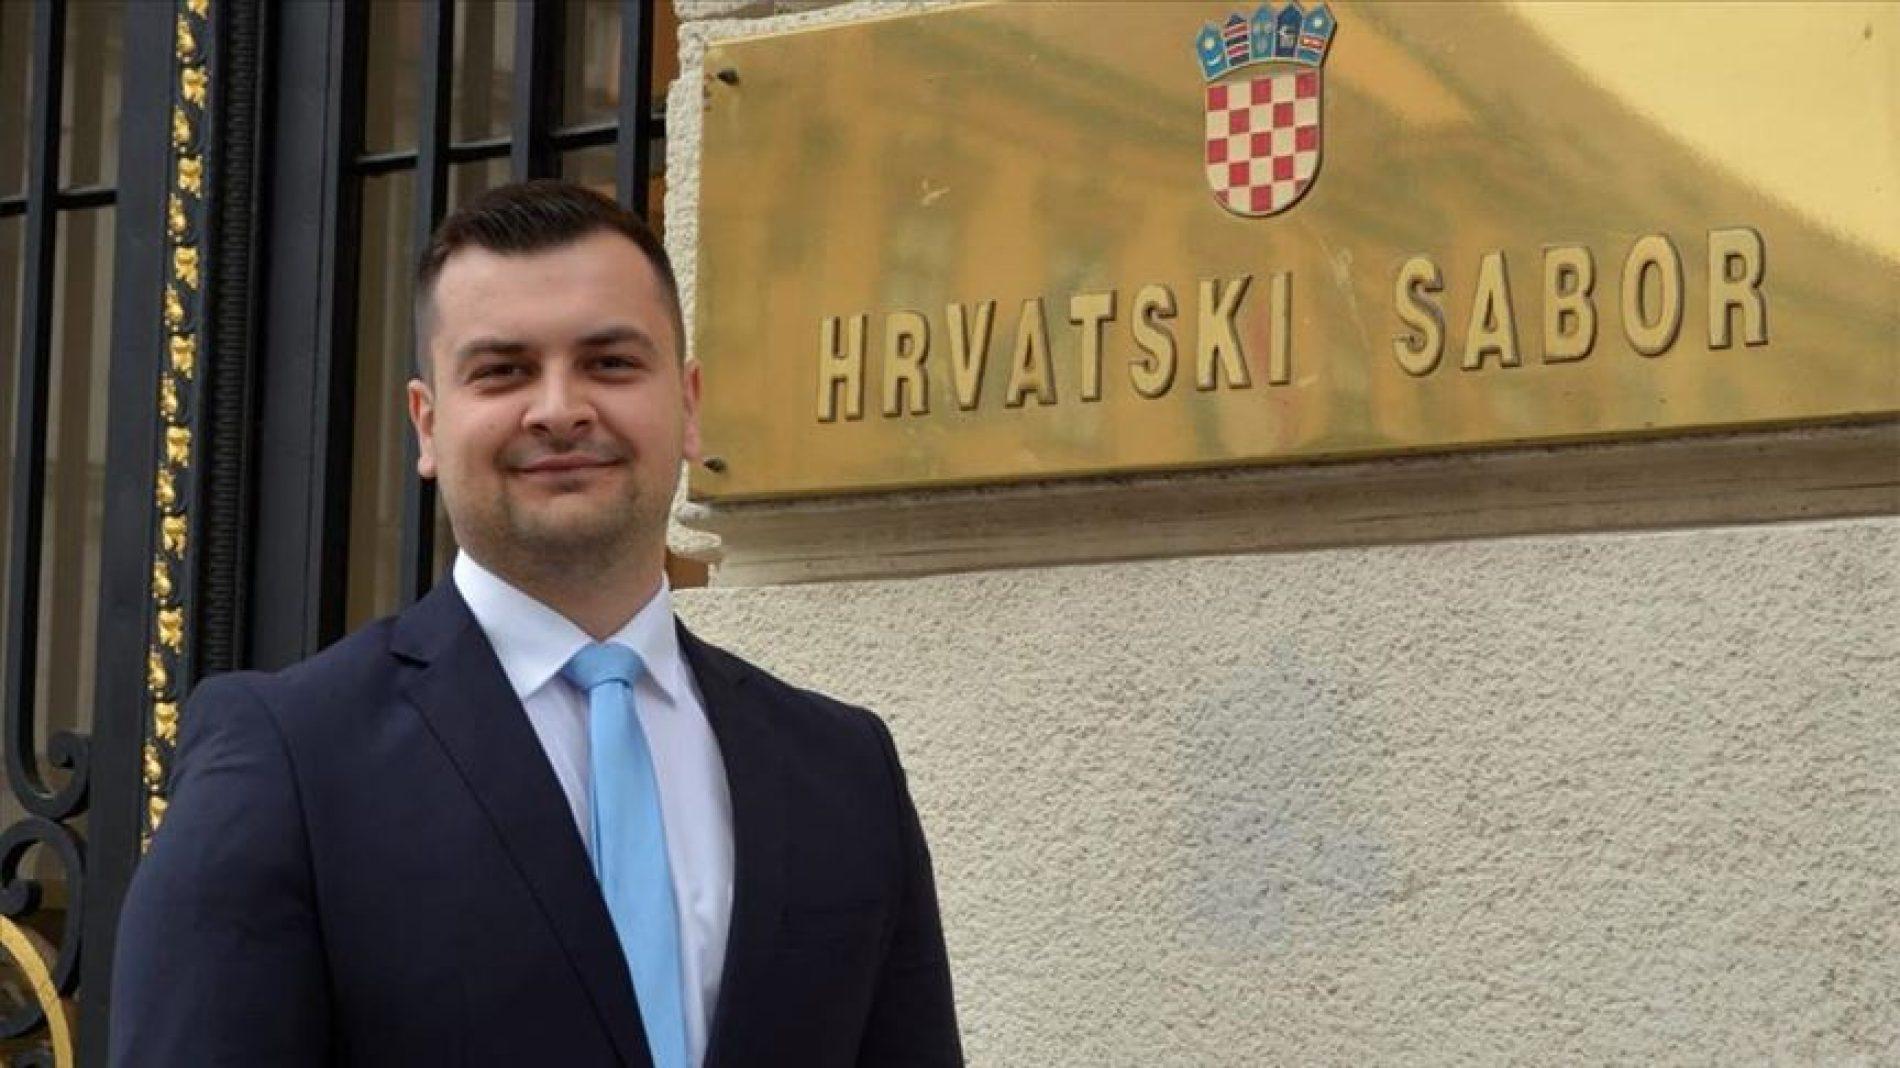 RH: Armin Hodžić predao kandidaturu u ime bošnjačke manjine za Sabor